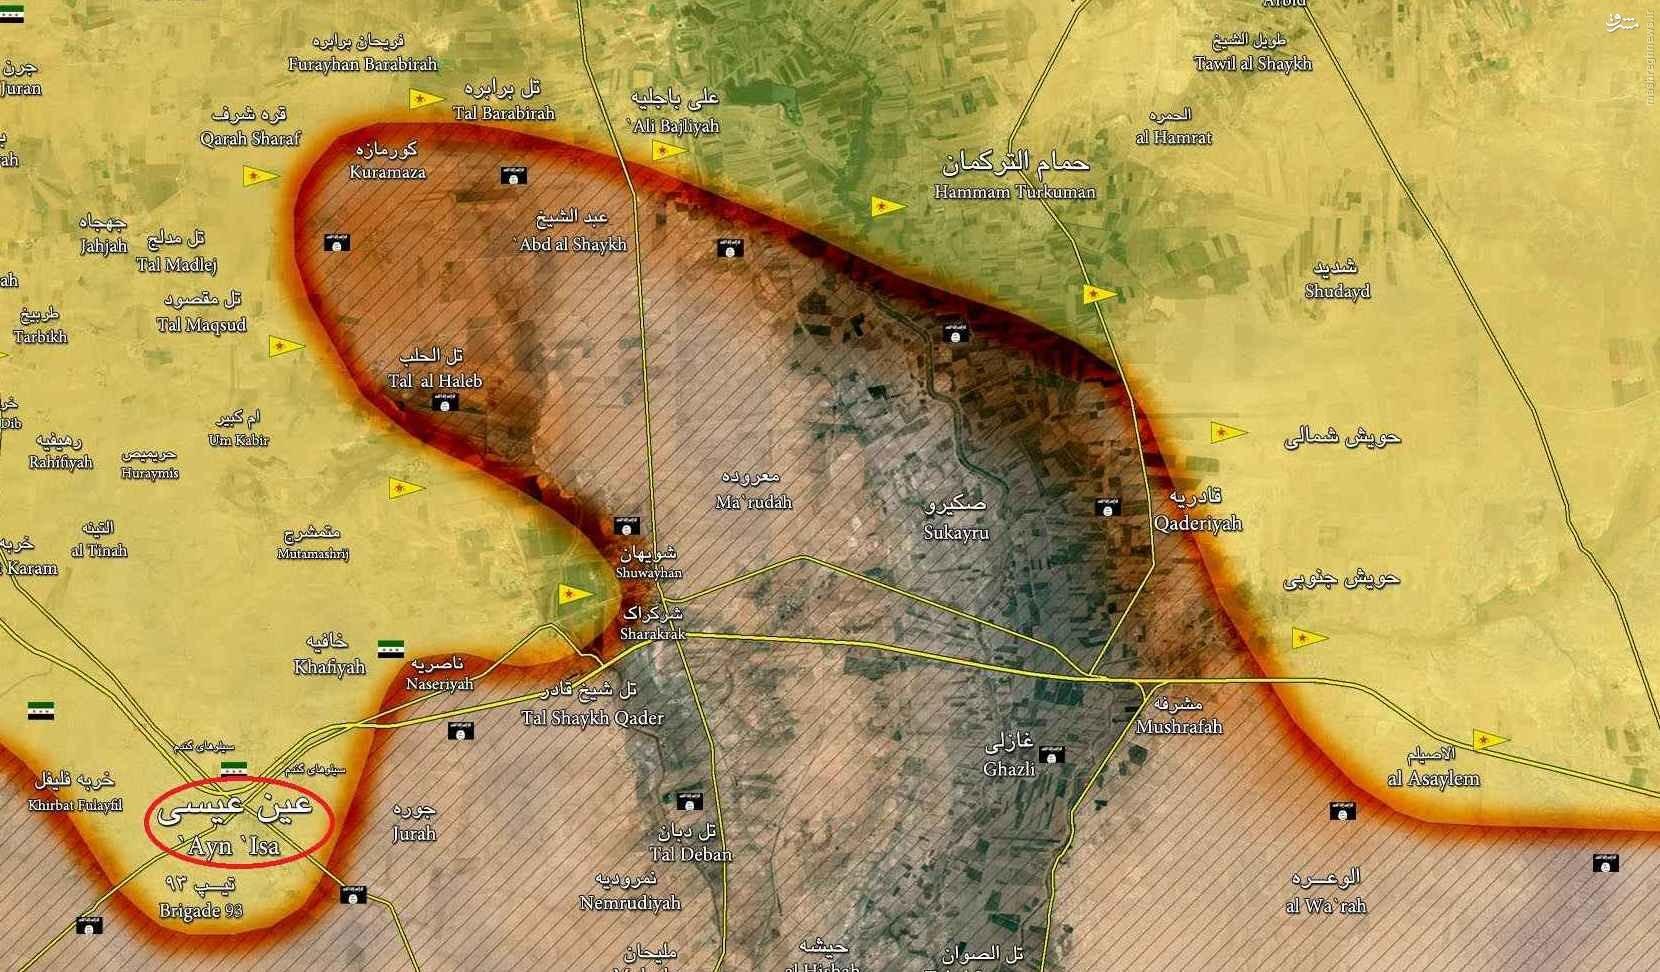 ادامه درگیریها در حسکه/پاتک سنگین ارتش و گروههای هم پیمان در محلات جنوب شهر/بازپس گیری حی غویران از داعش/بازدید وزیر دفاع سوریه از حسکه/توقف پیشرویهای کردها در تل ابیض